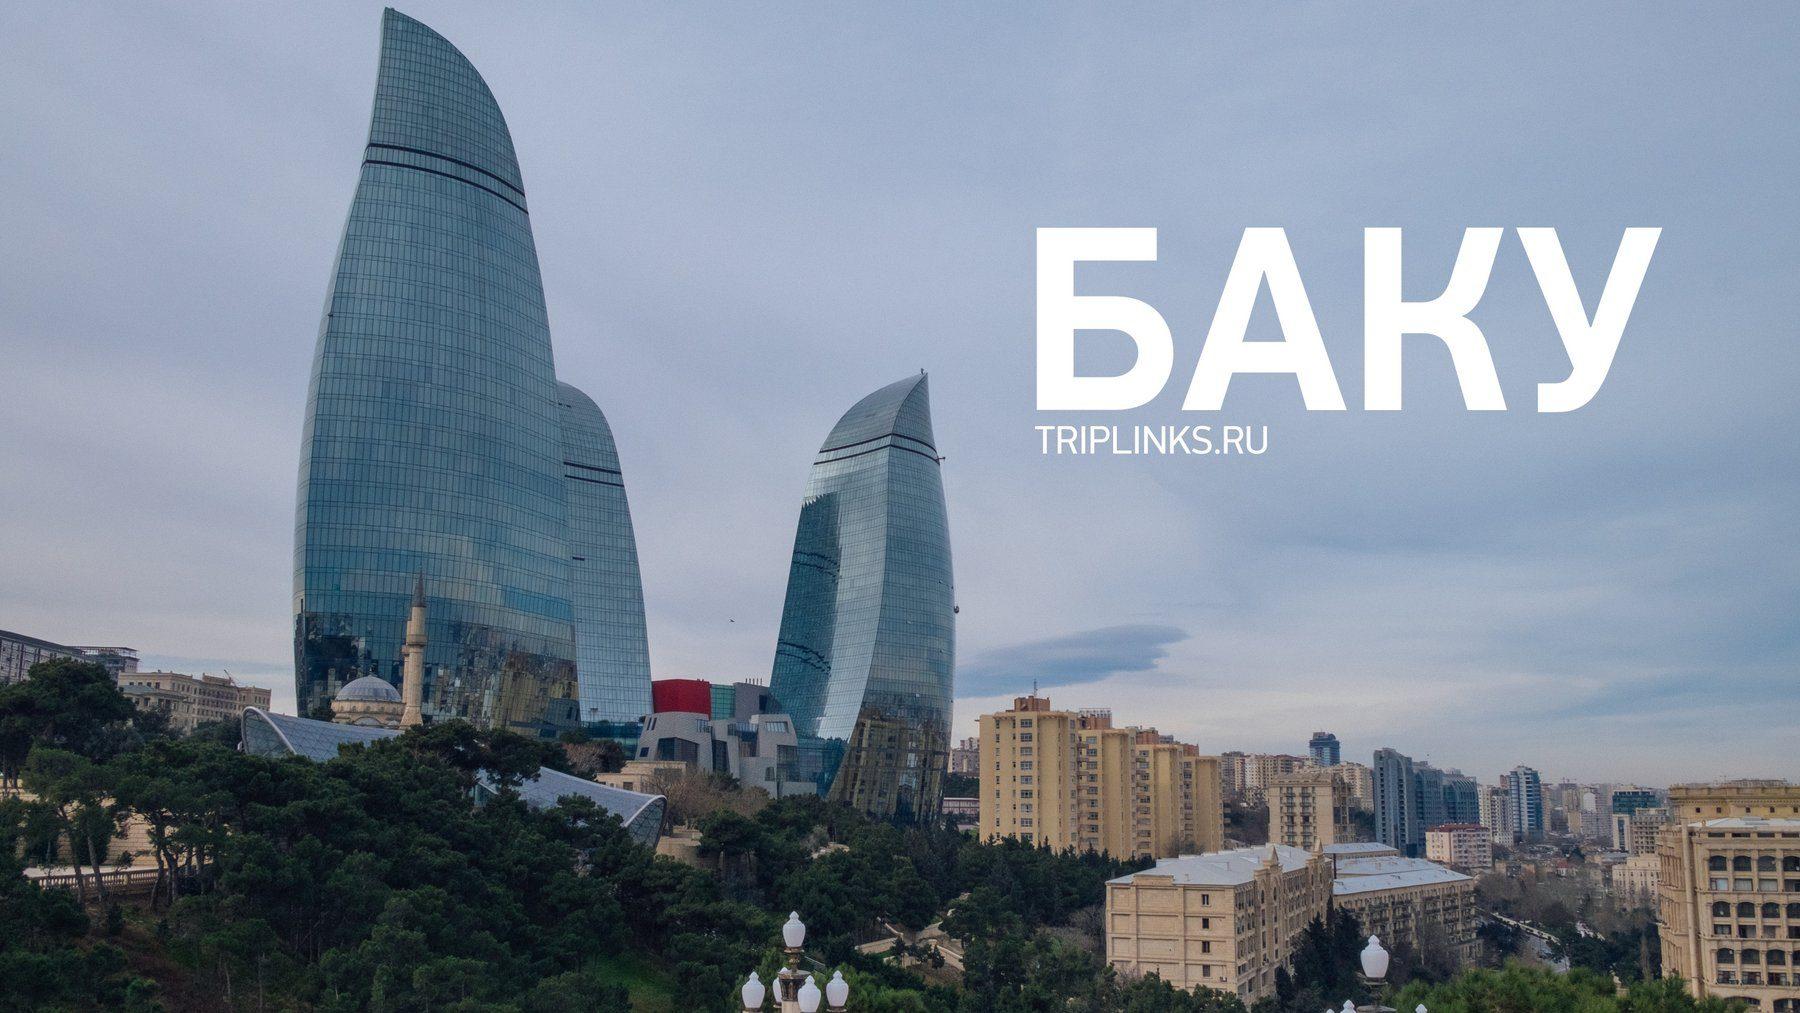 Ceny V Baku Skolko Nuzhno Deneg V Azerbajdzhane V 2021 Godu Byudzhet Poezdki Triplinks